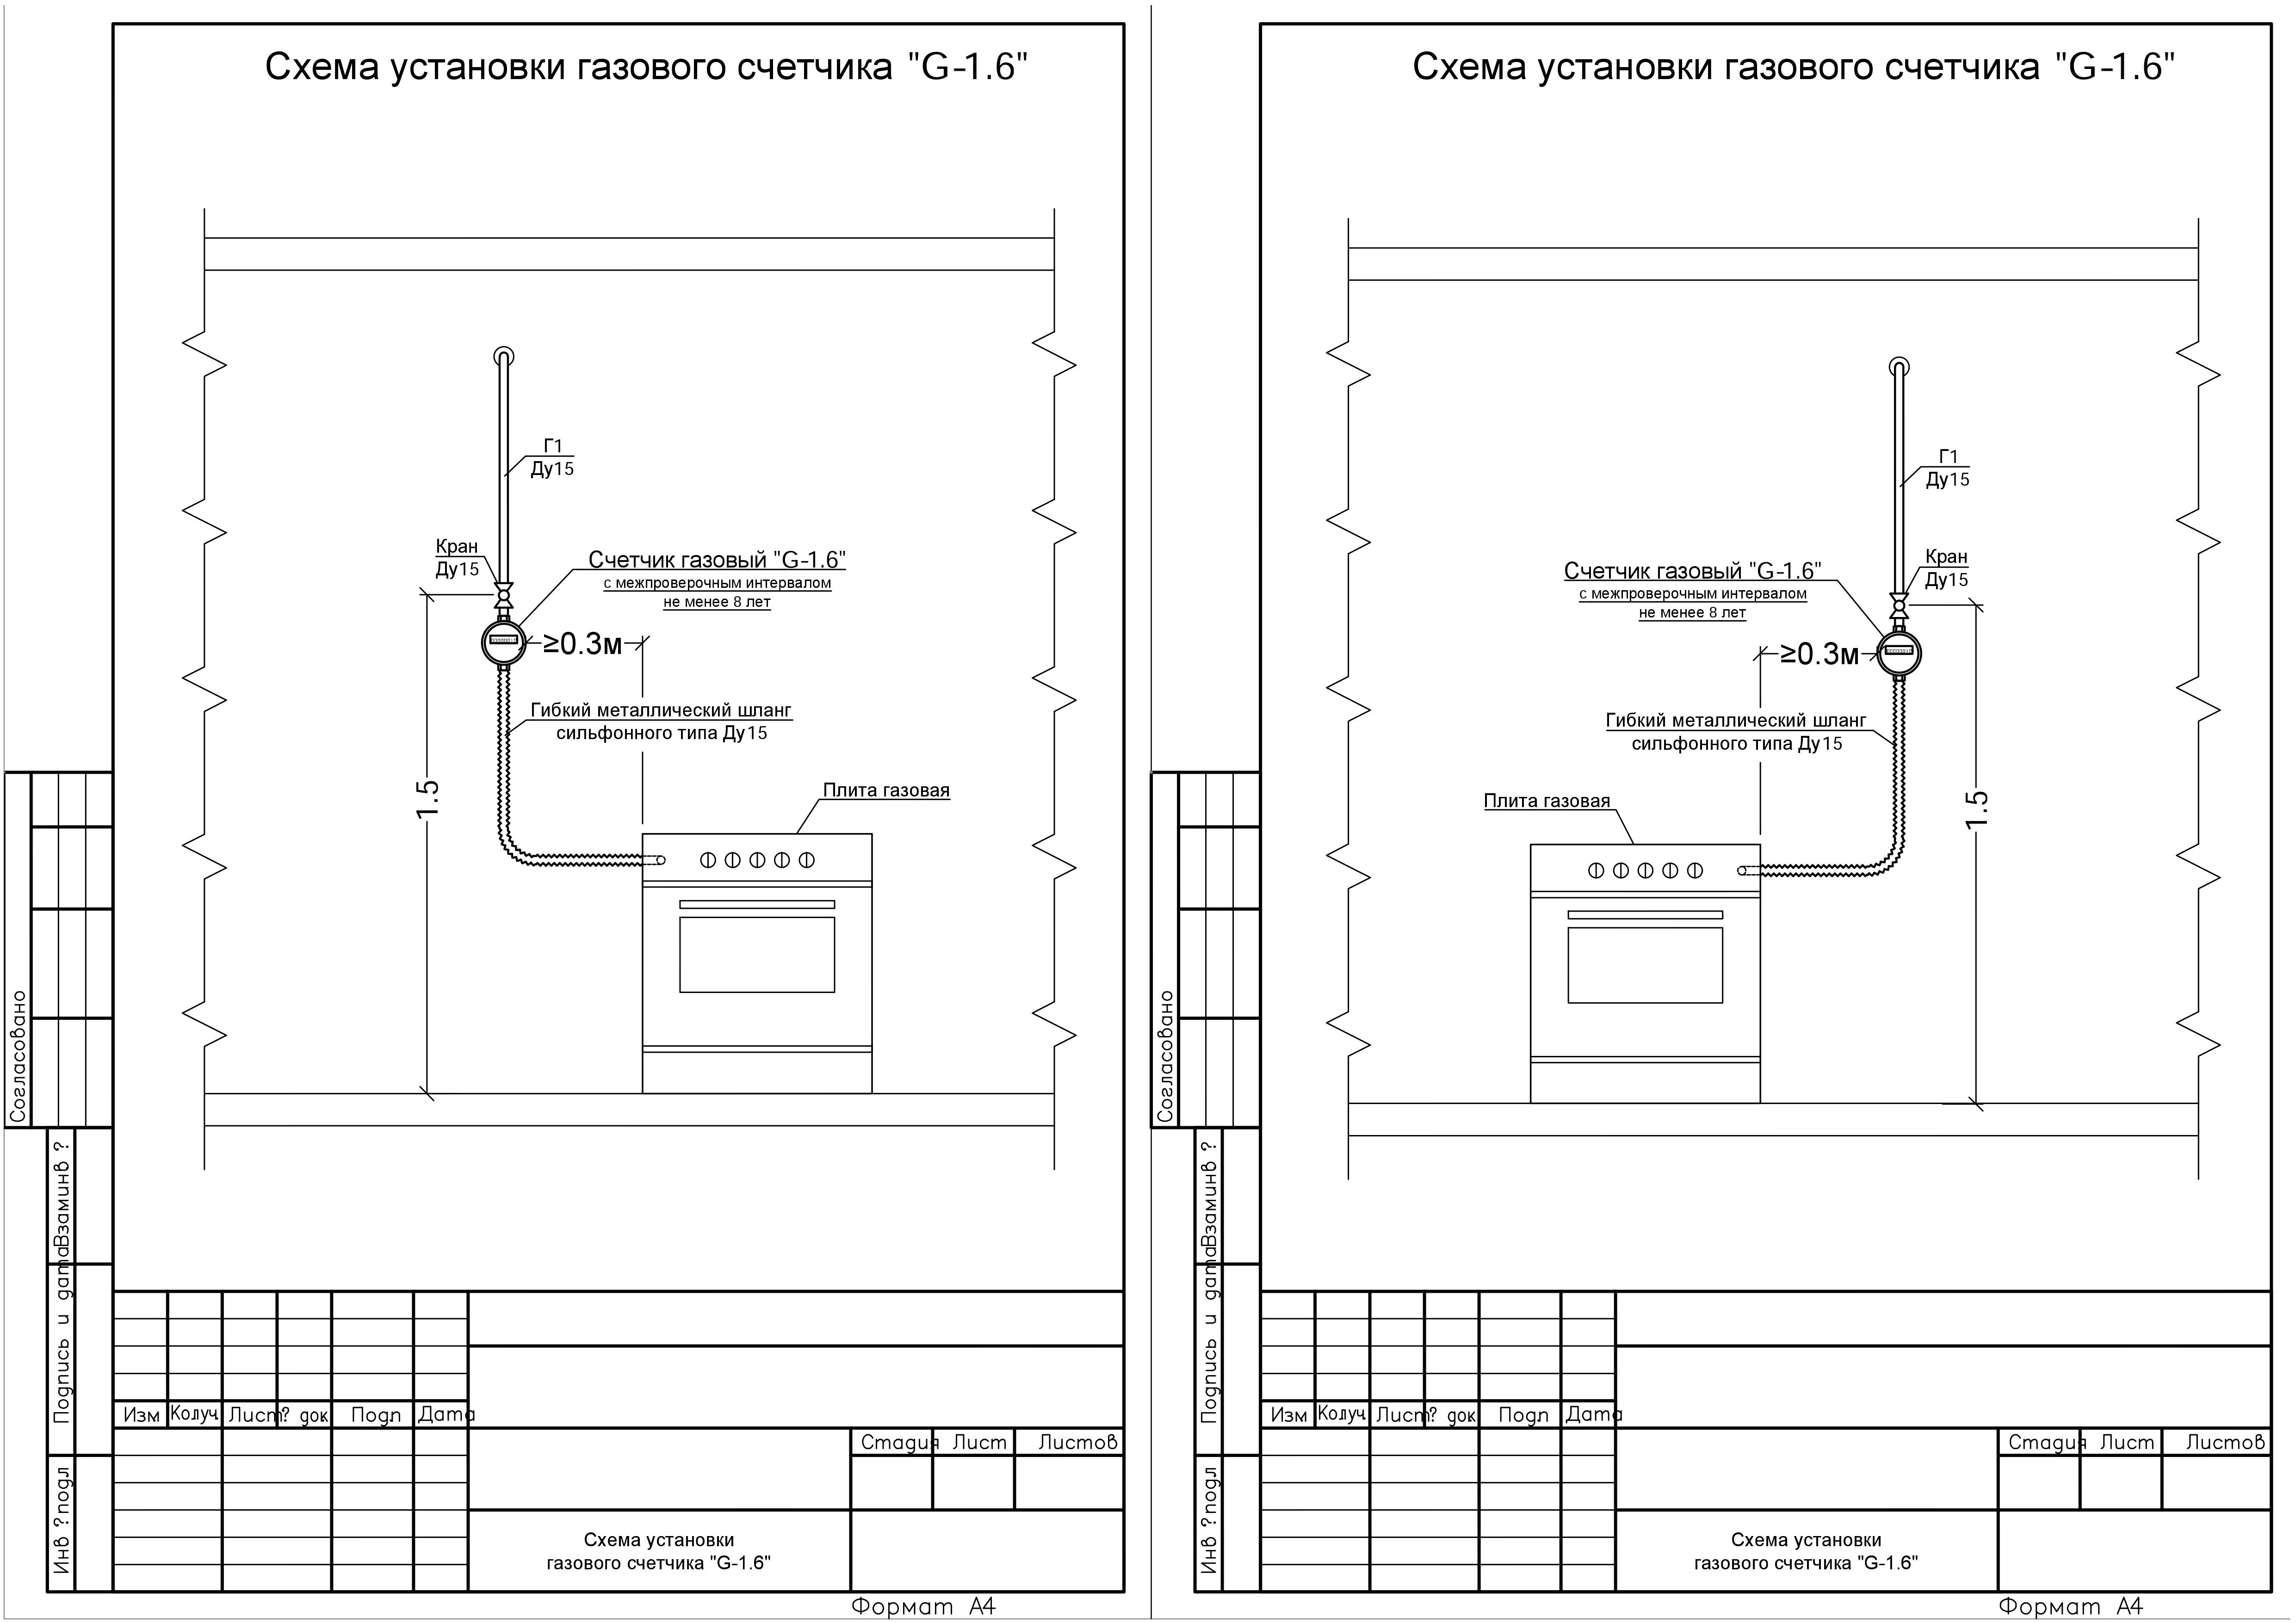 Умные счетчики газа: как устроены и работают умные расходомеры + особенности монтажа новых счетчиков